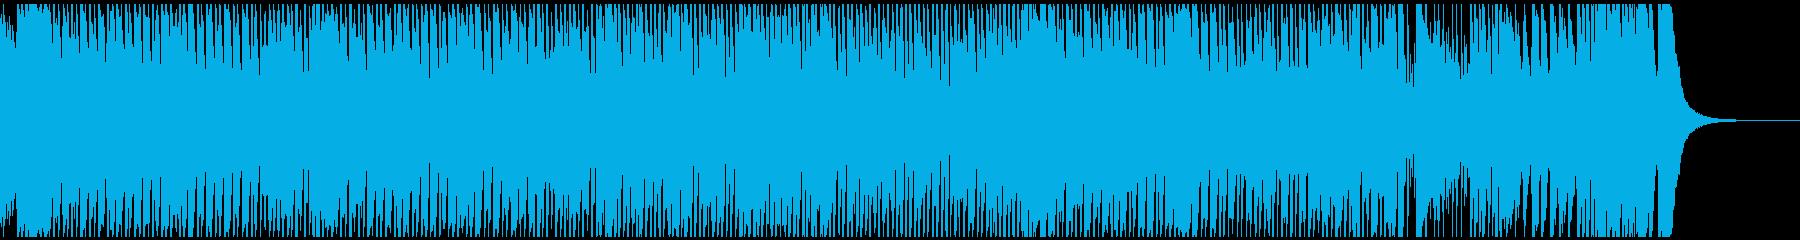 ショパンの幻想即興曲ジャズトリオアレンジの再生済みの波形